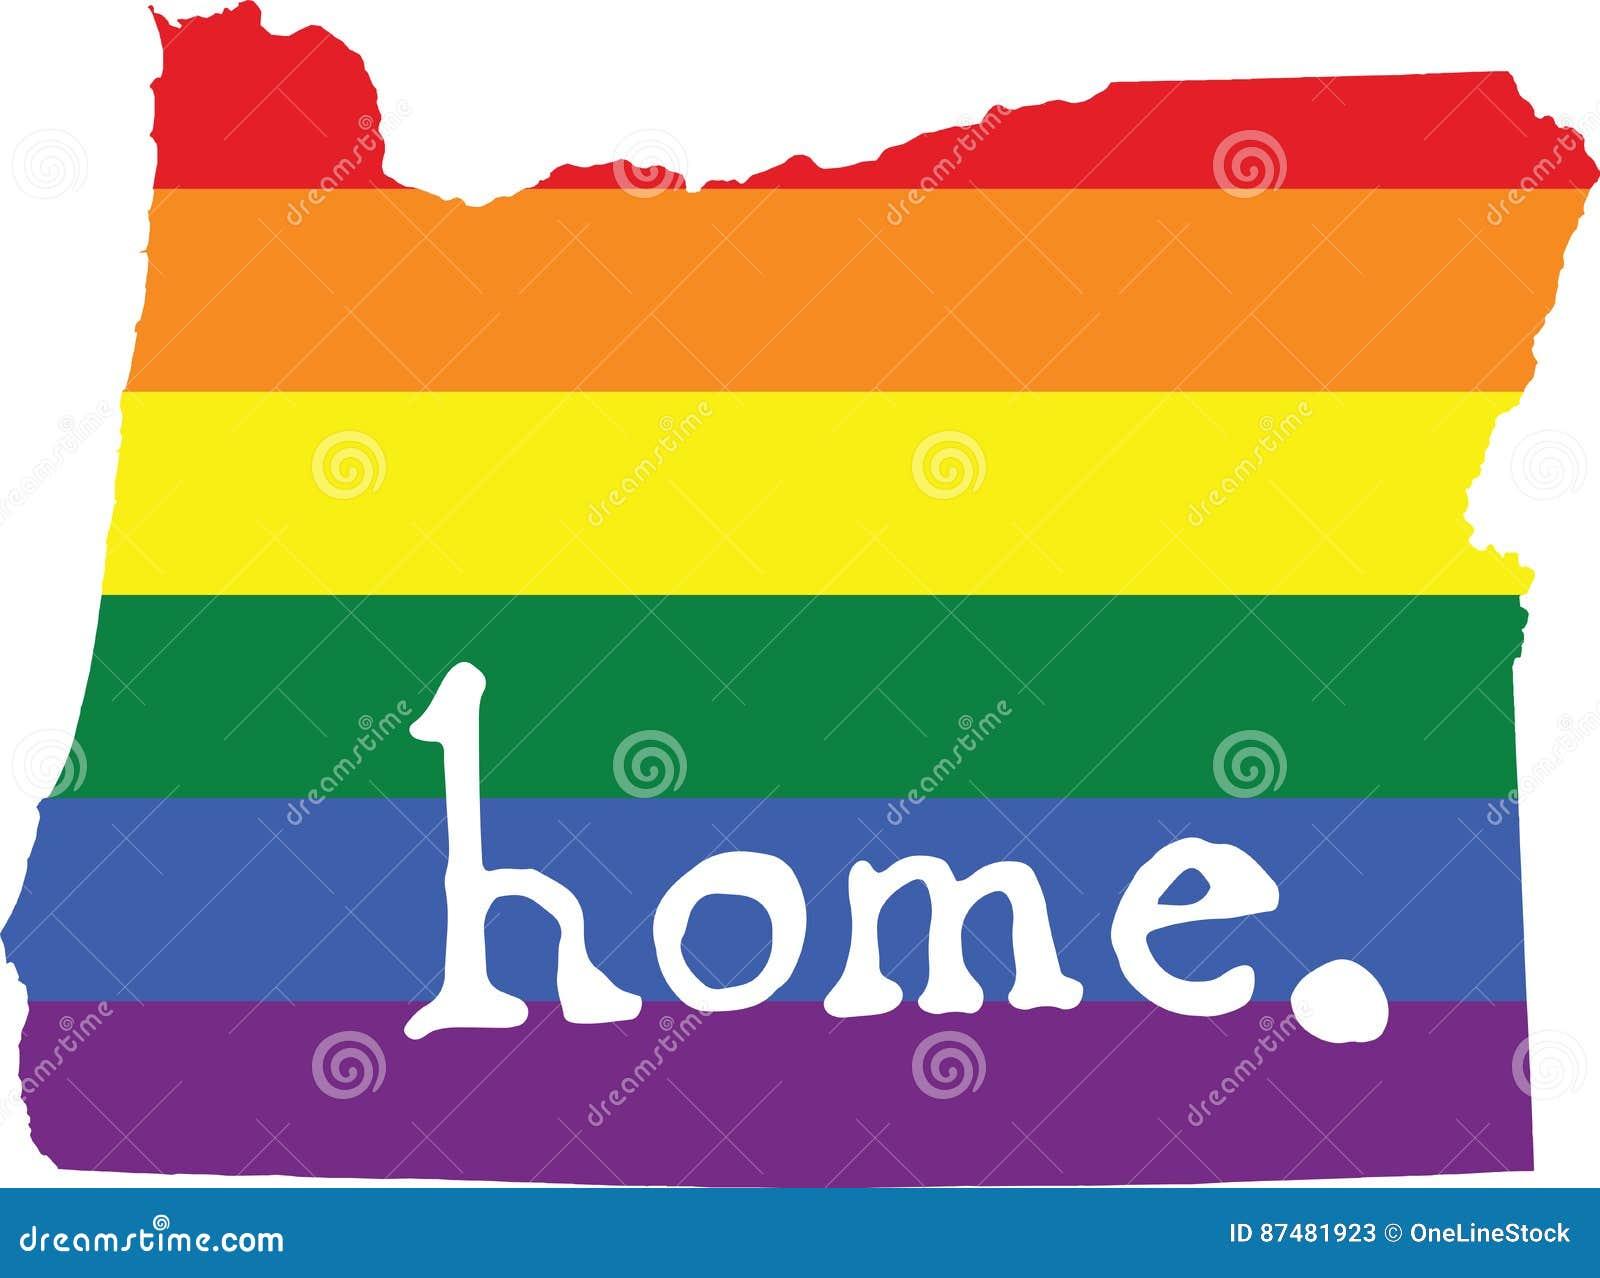 Oregon gay community